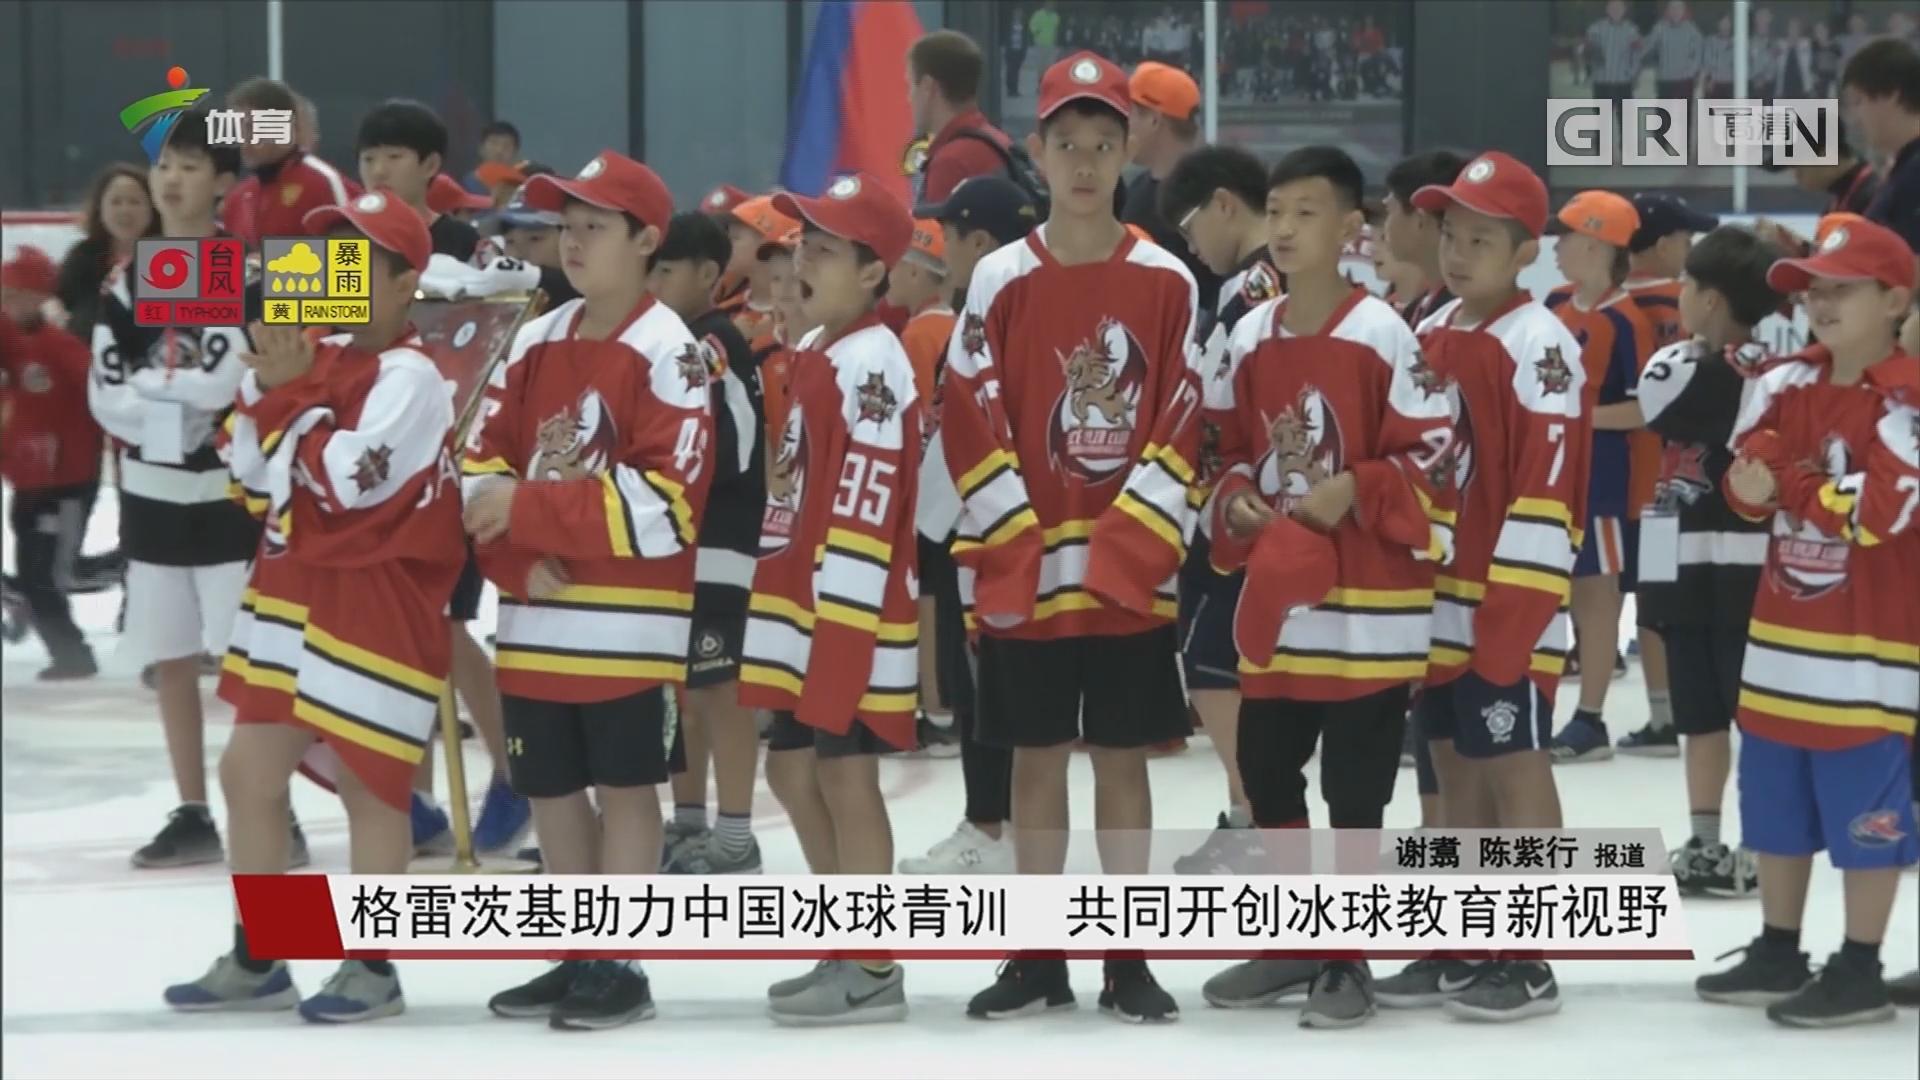 格雷茨基助力中国冰球青训 共同开创冰球教育新视野